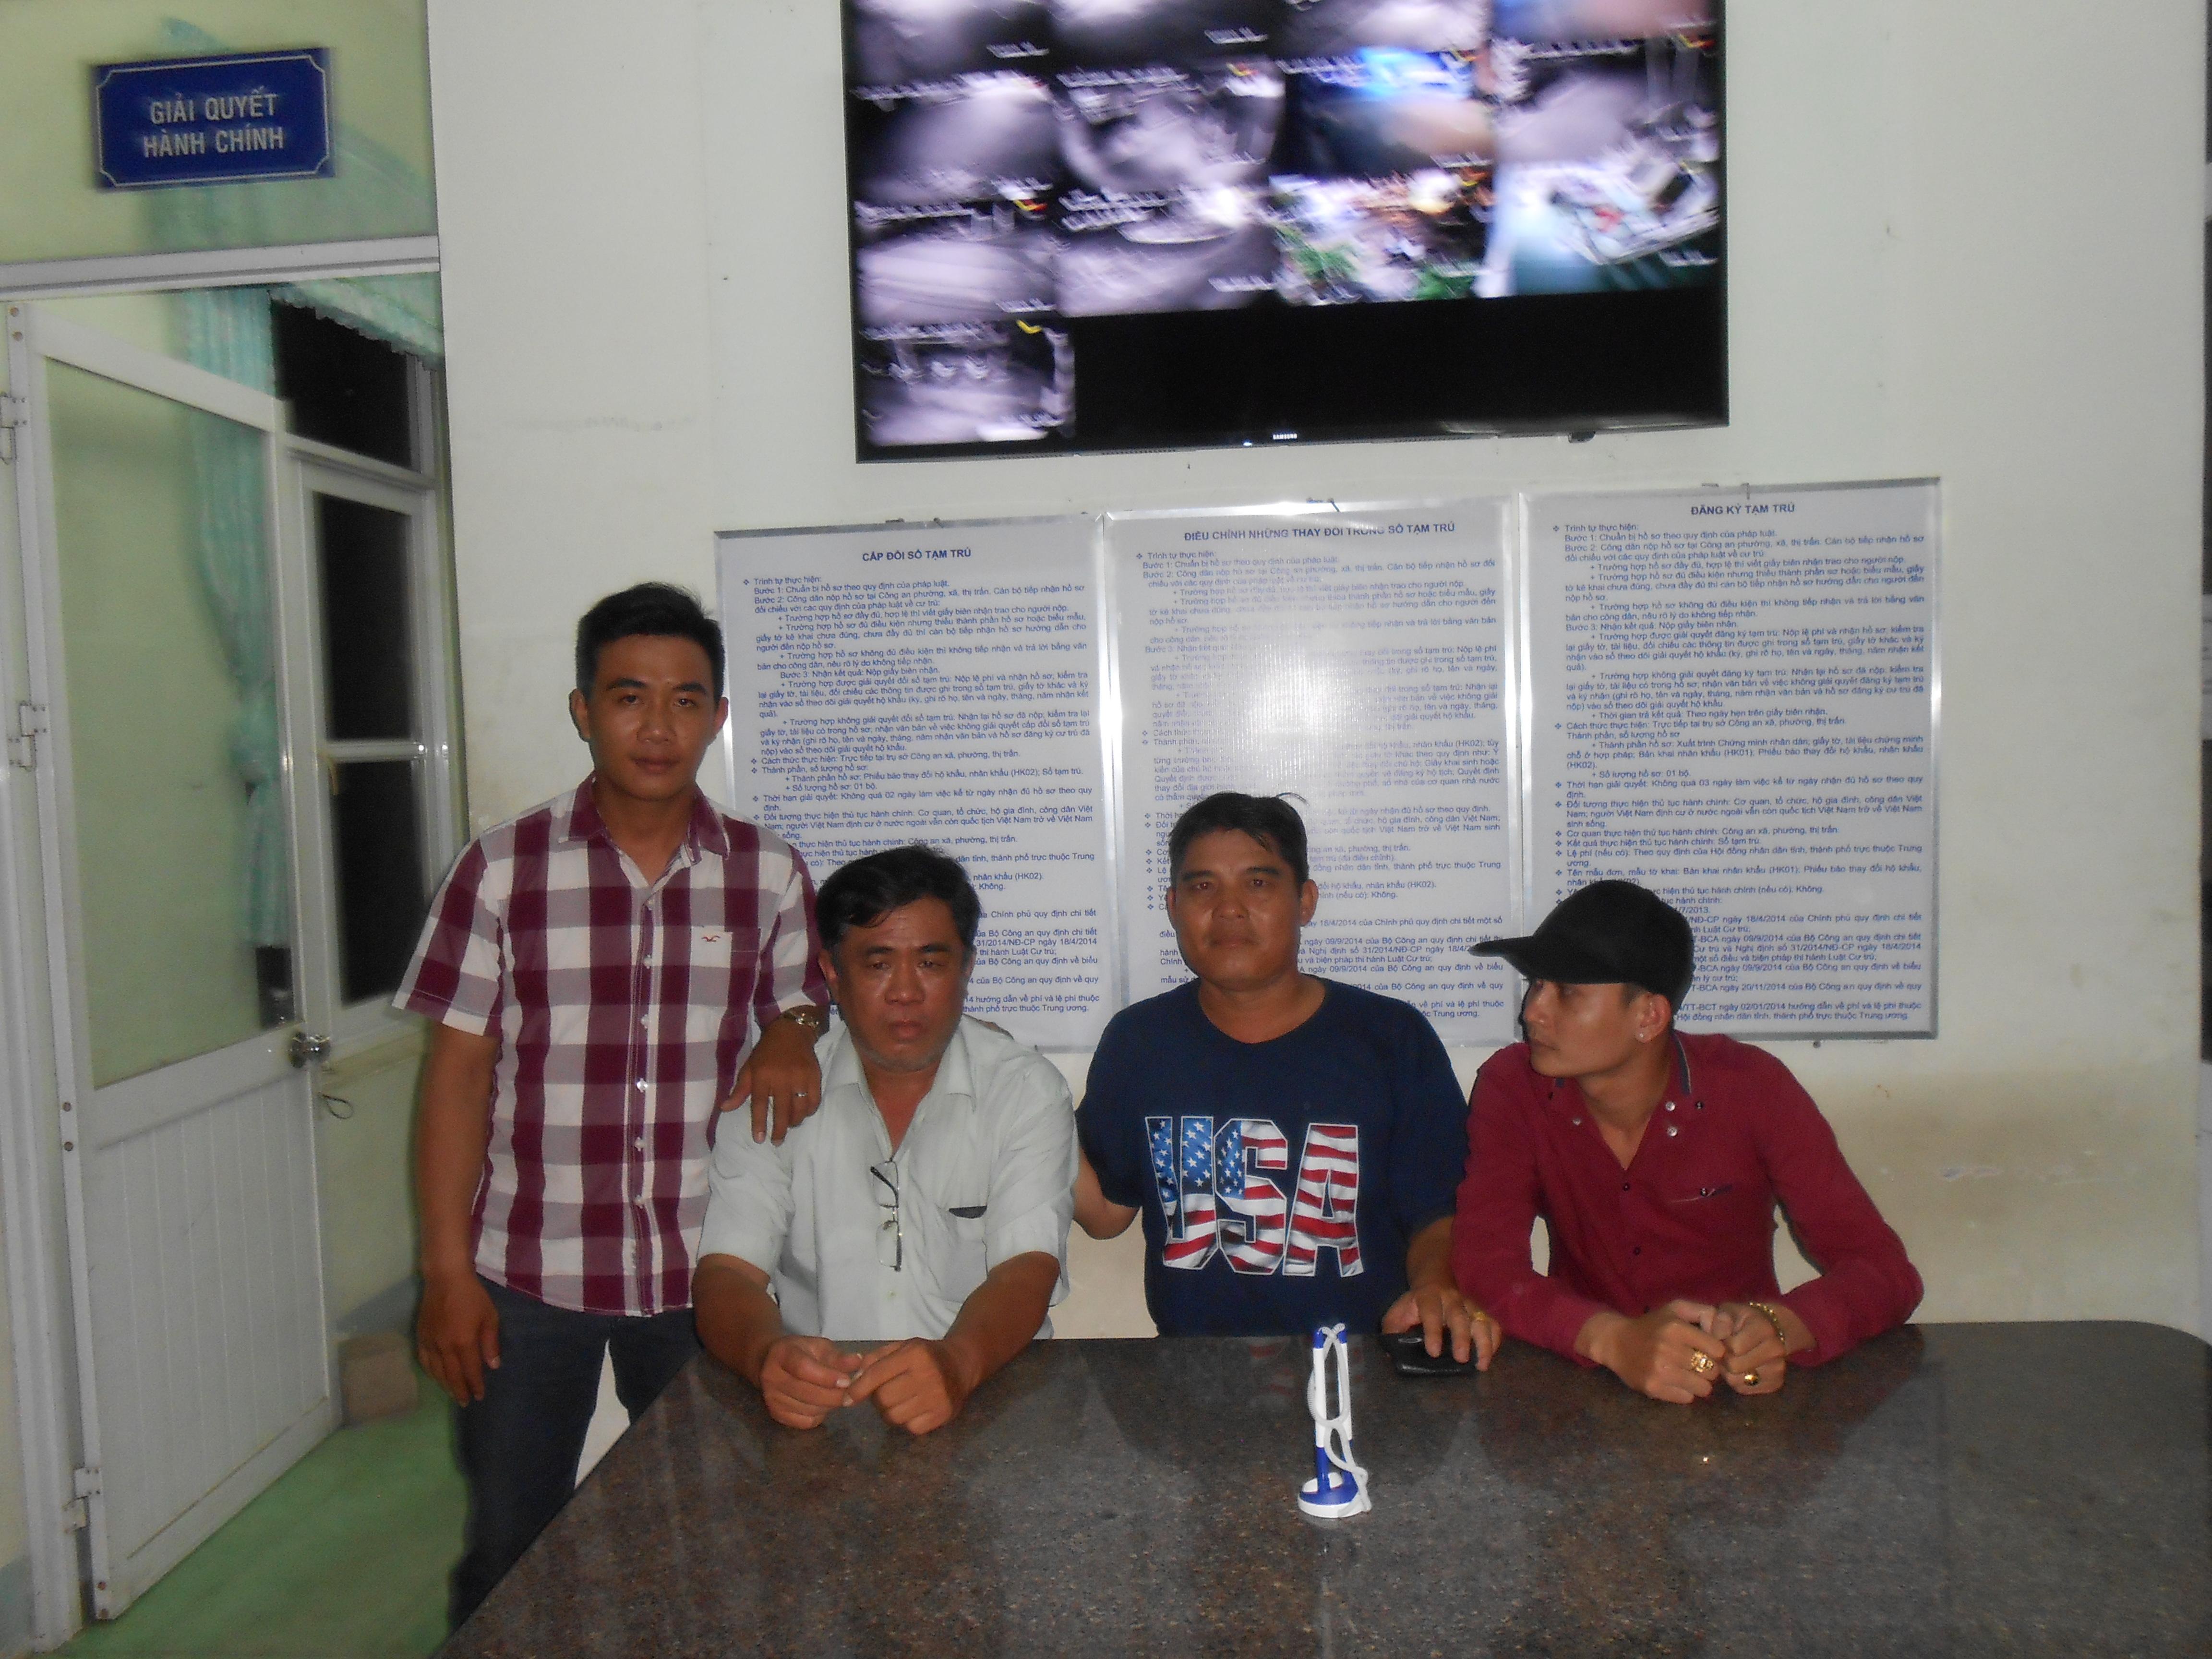 Ông Phúc (thứ 2 từ trái sang) bị các hiệp sĩ đưa đến đồn công an